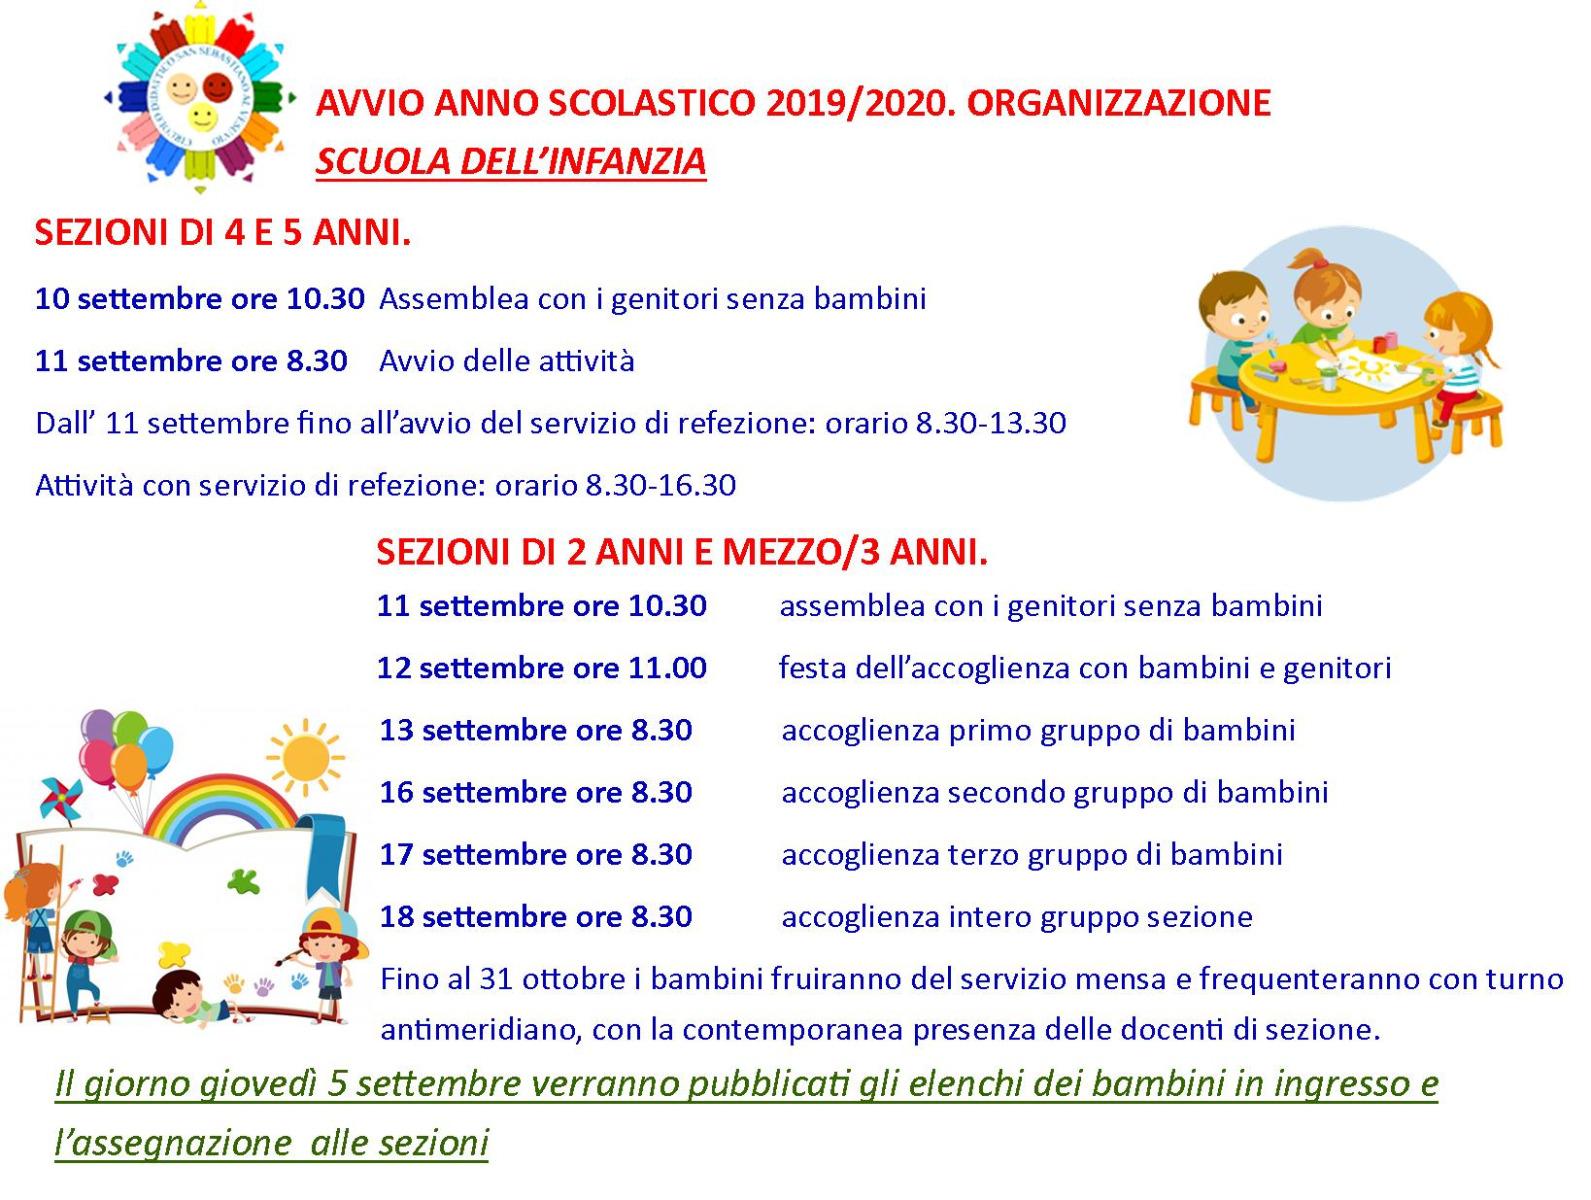 SCUOLA INFANZIA. AVVIO ANNO SCOLASTICO 2019/2020